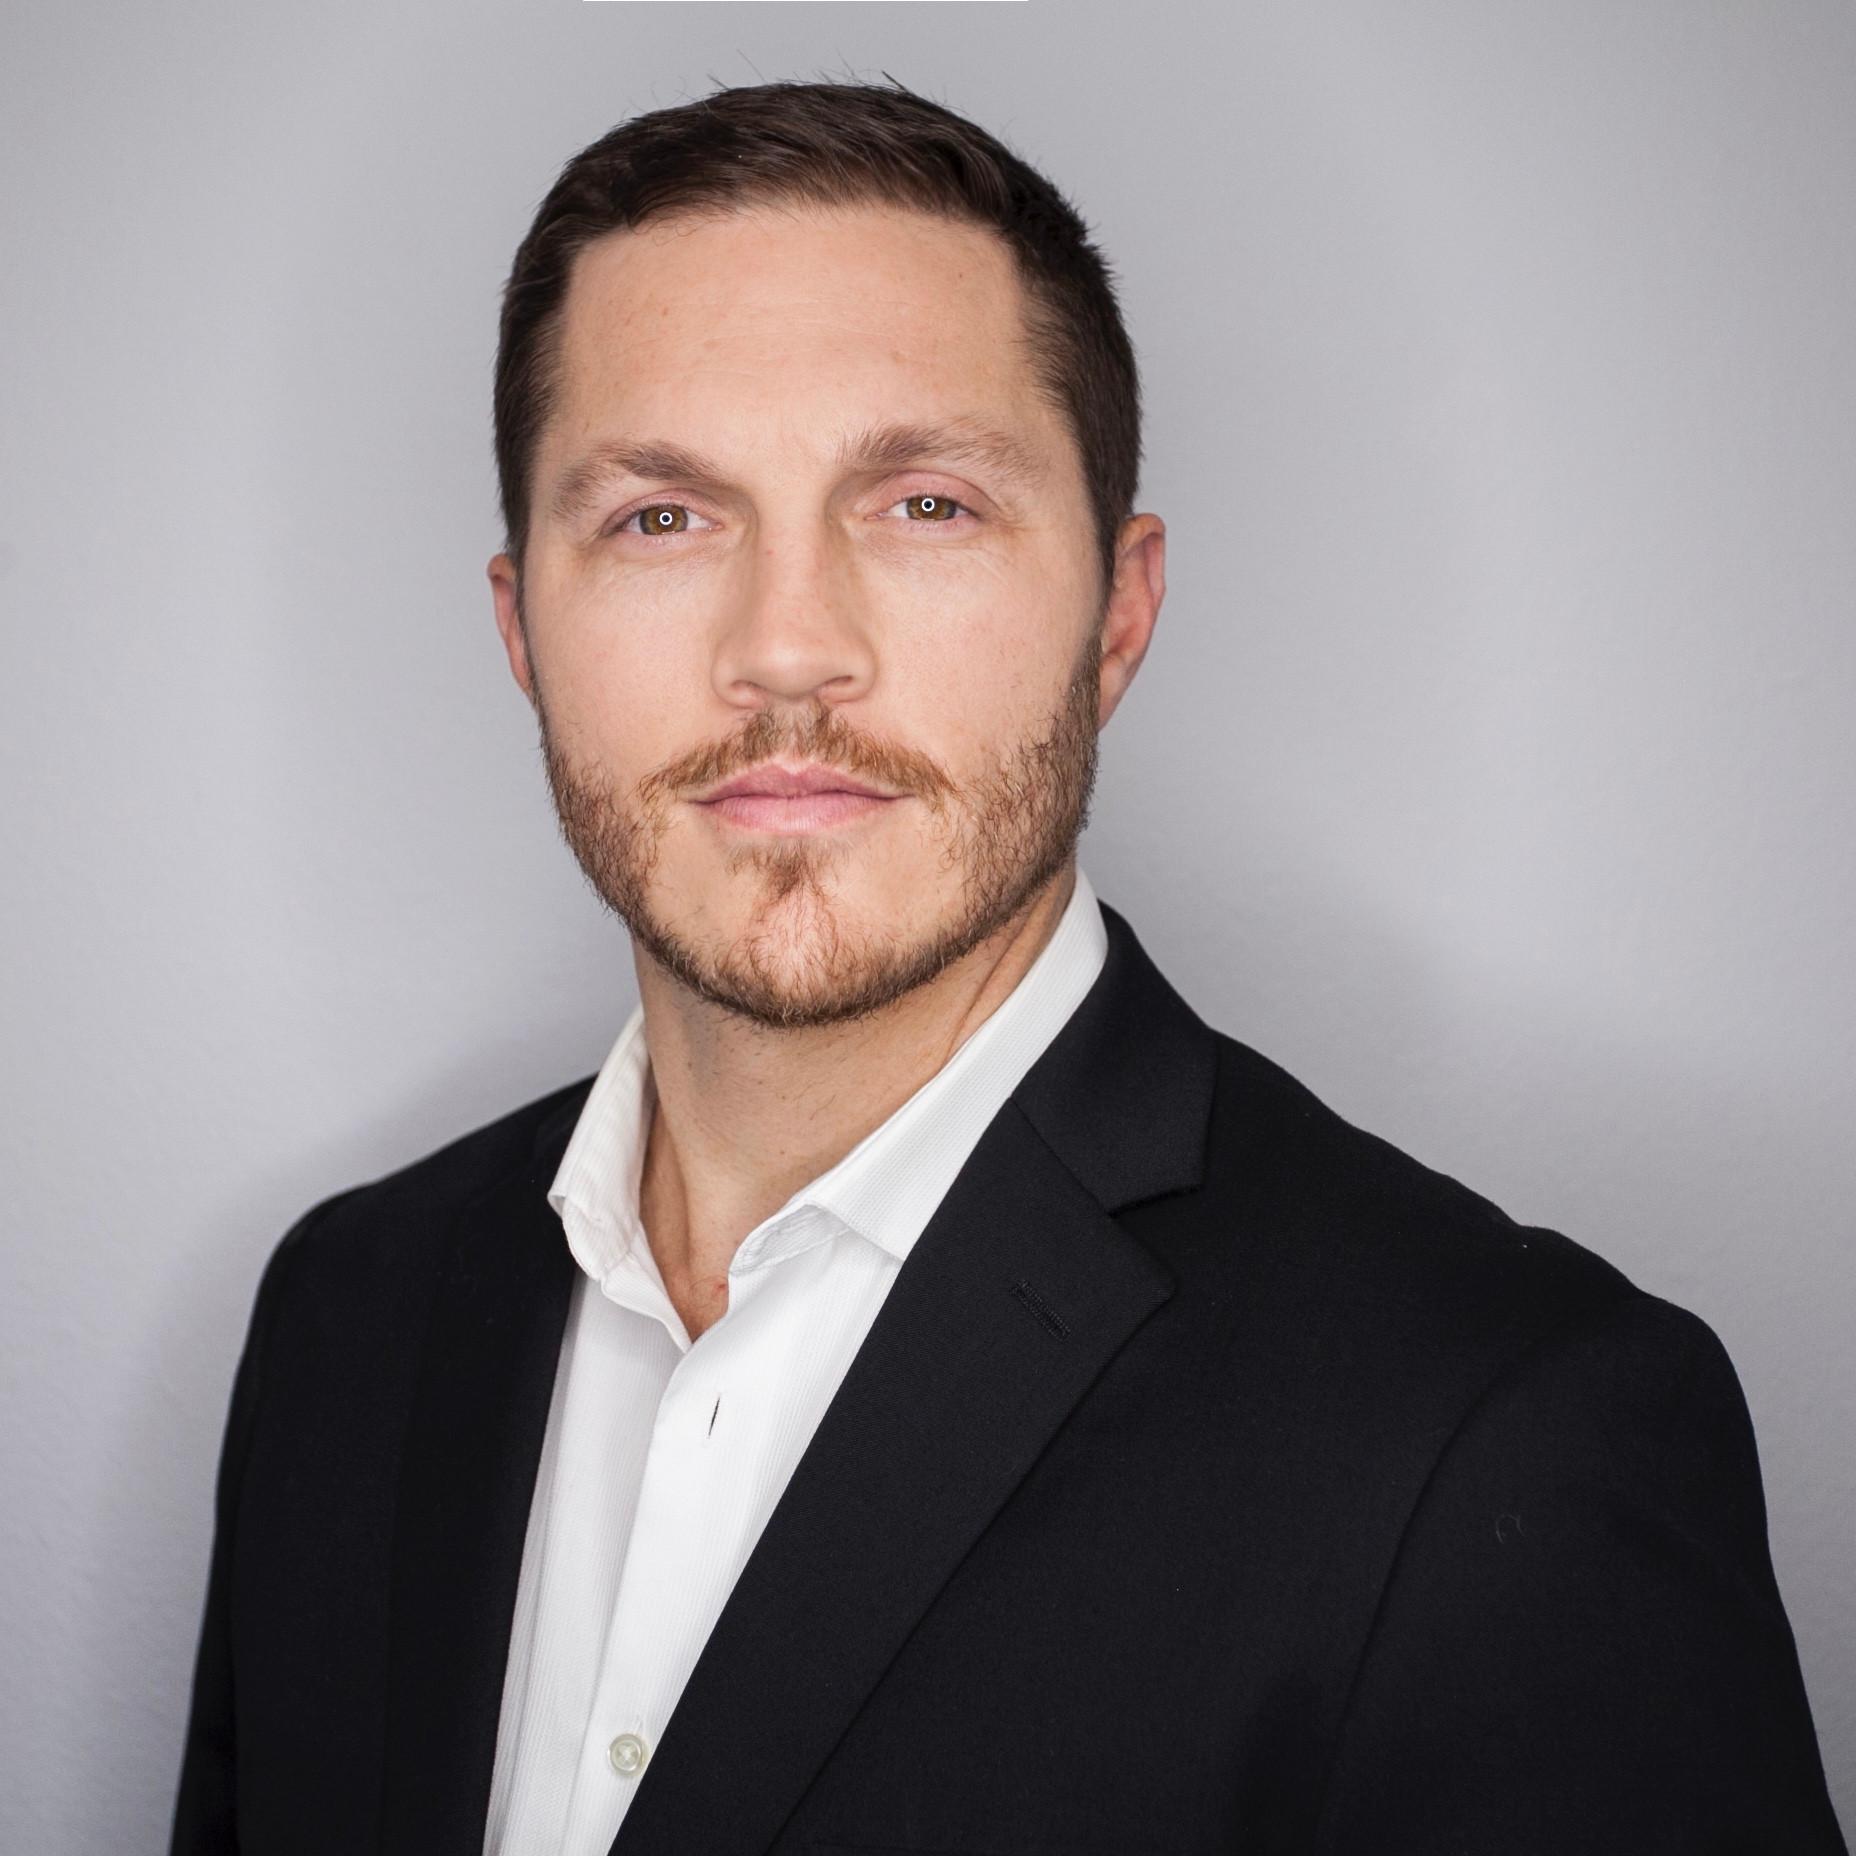 Nick Davison Real Estate Coaching